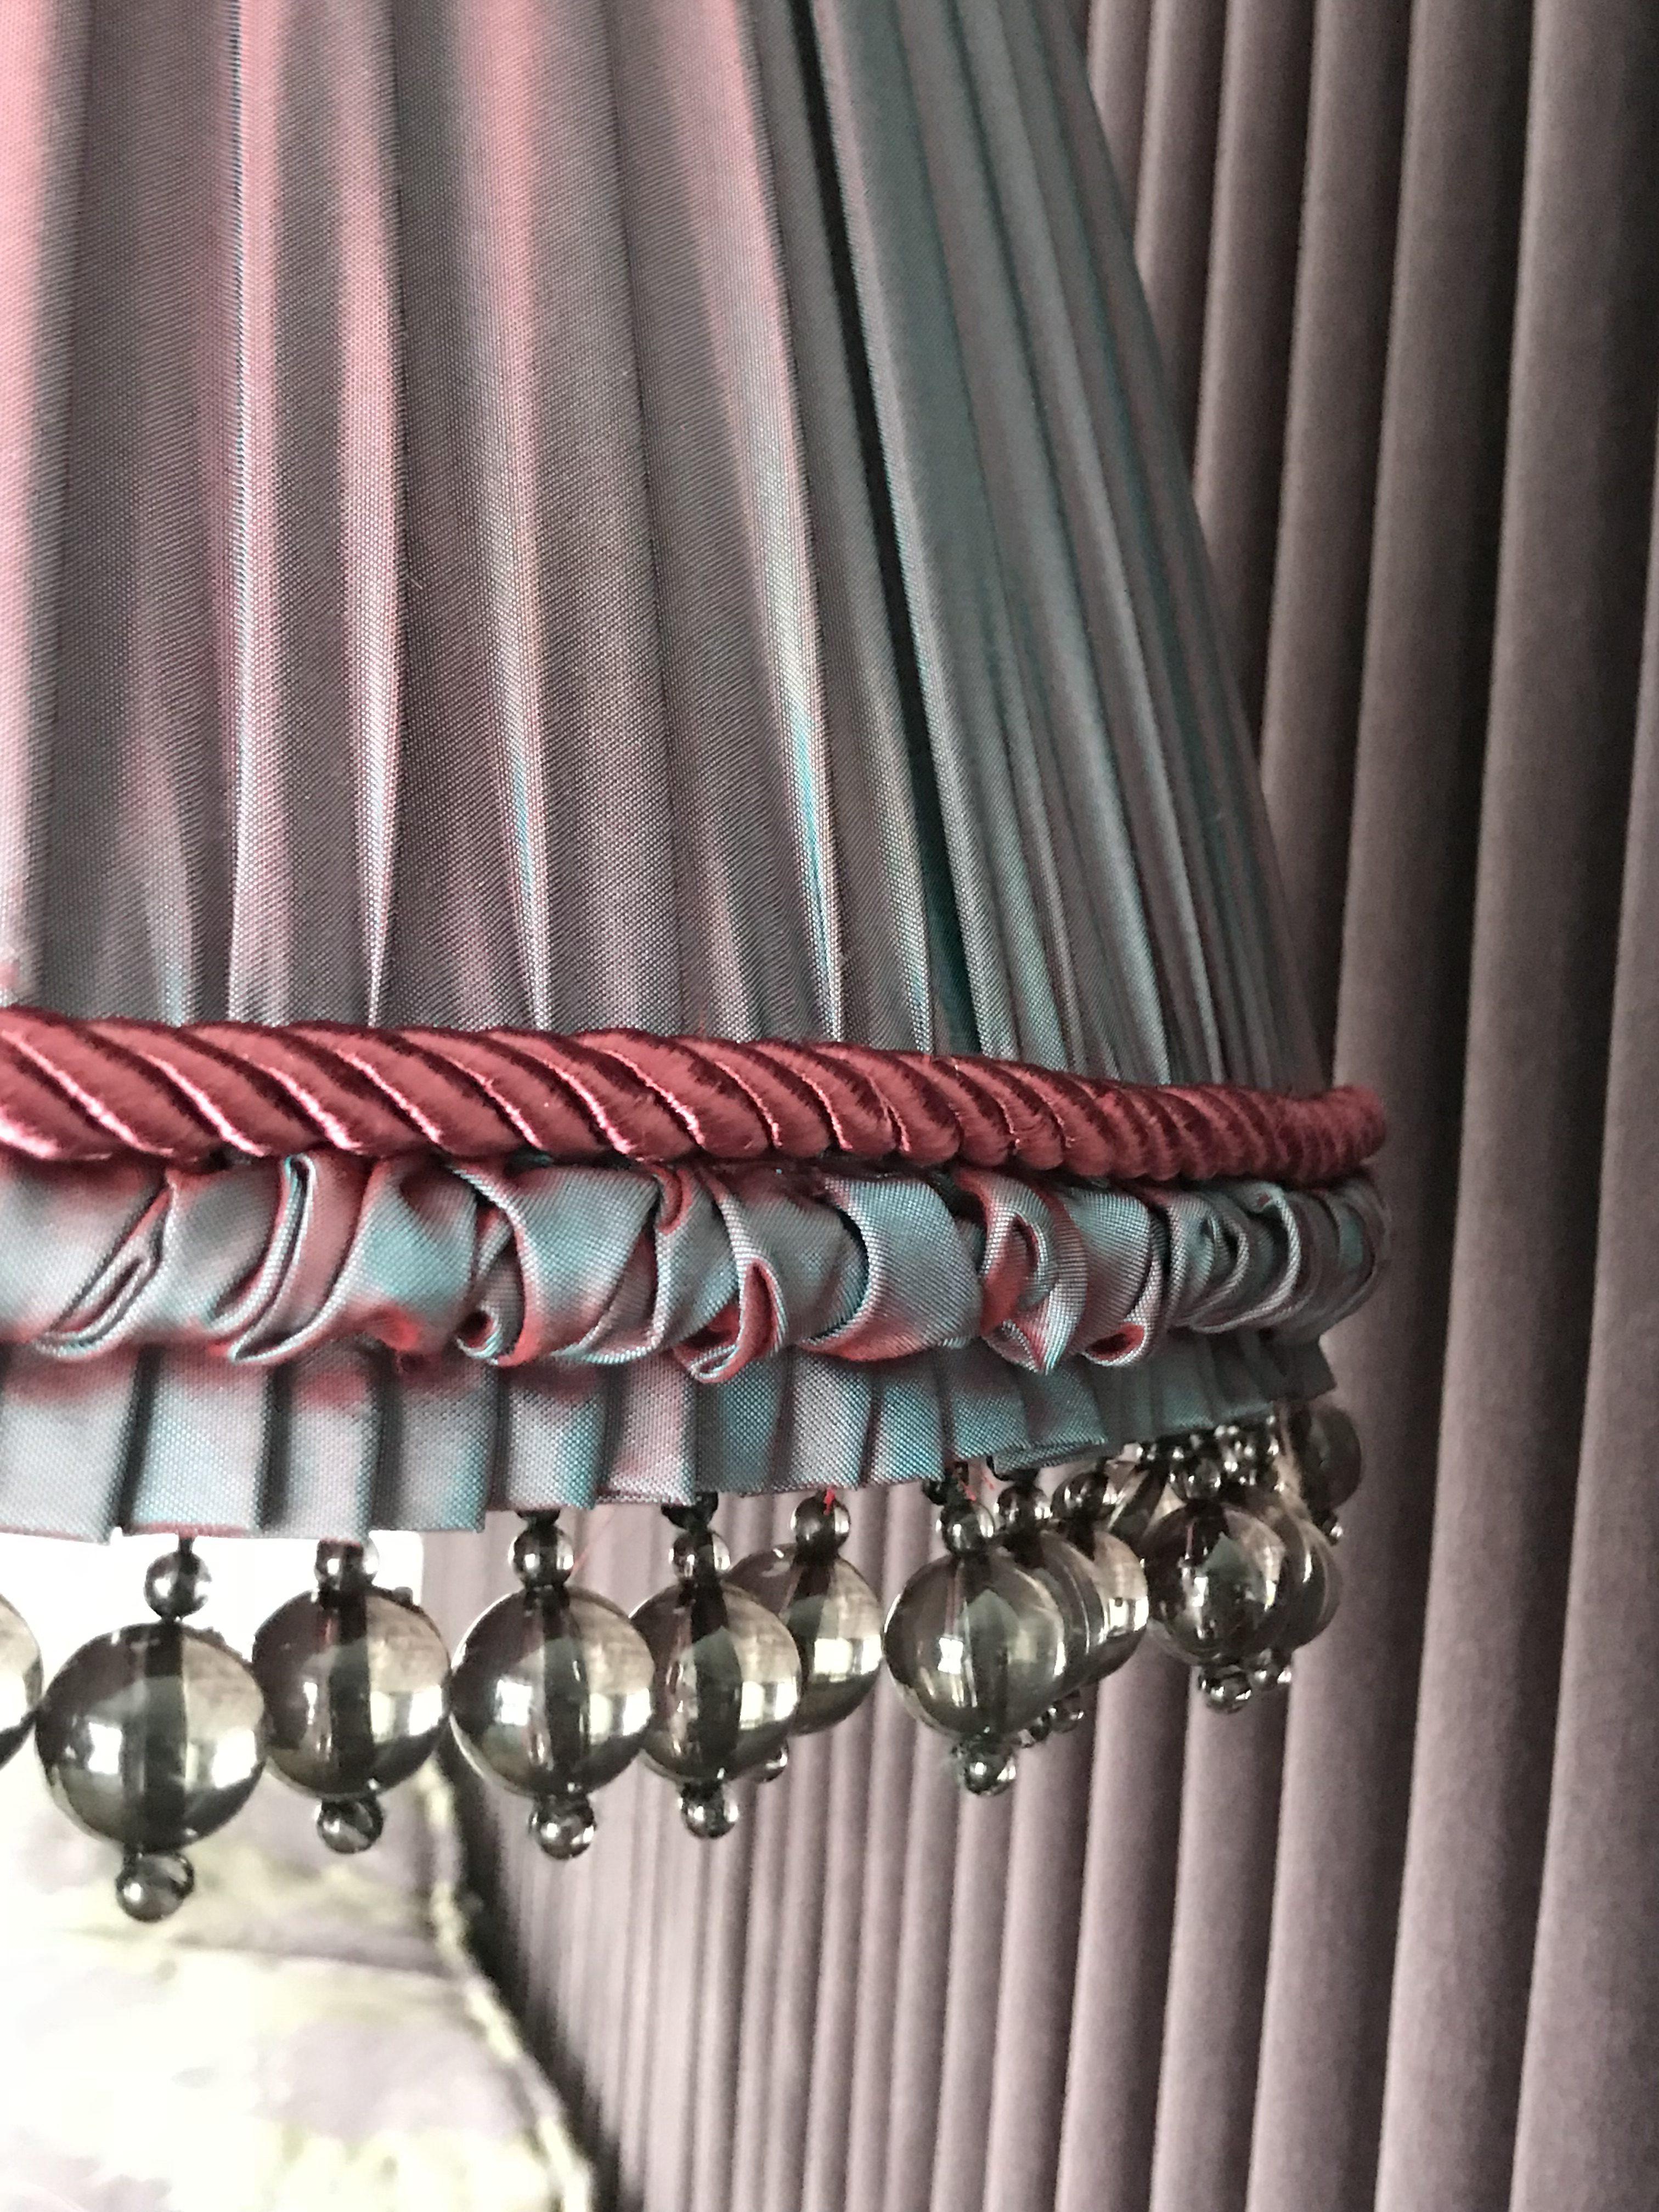 Šilkinis rankų darbo gaubtas su aukštos kokybės stiklo karoliukų apdaila